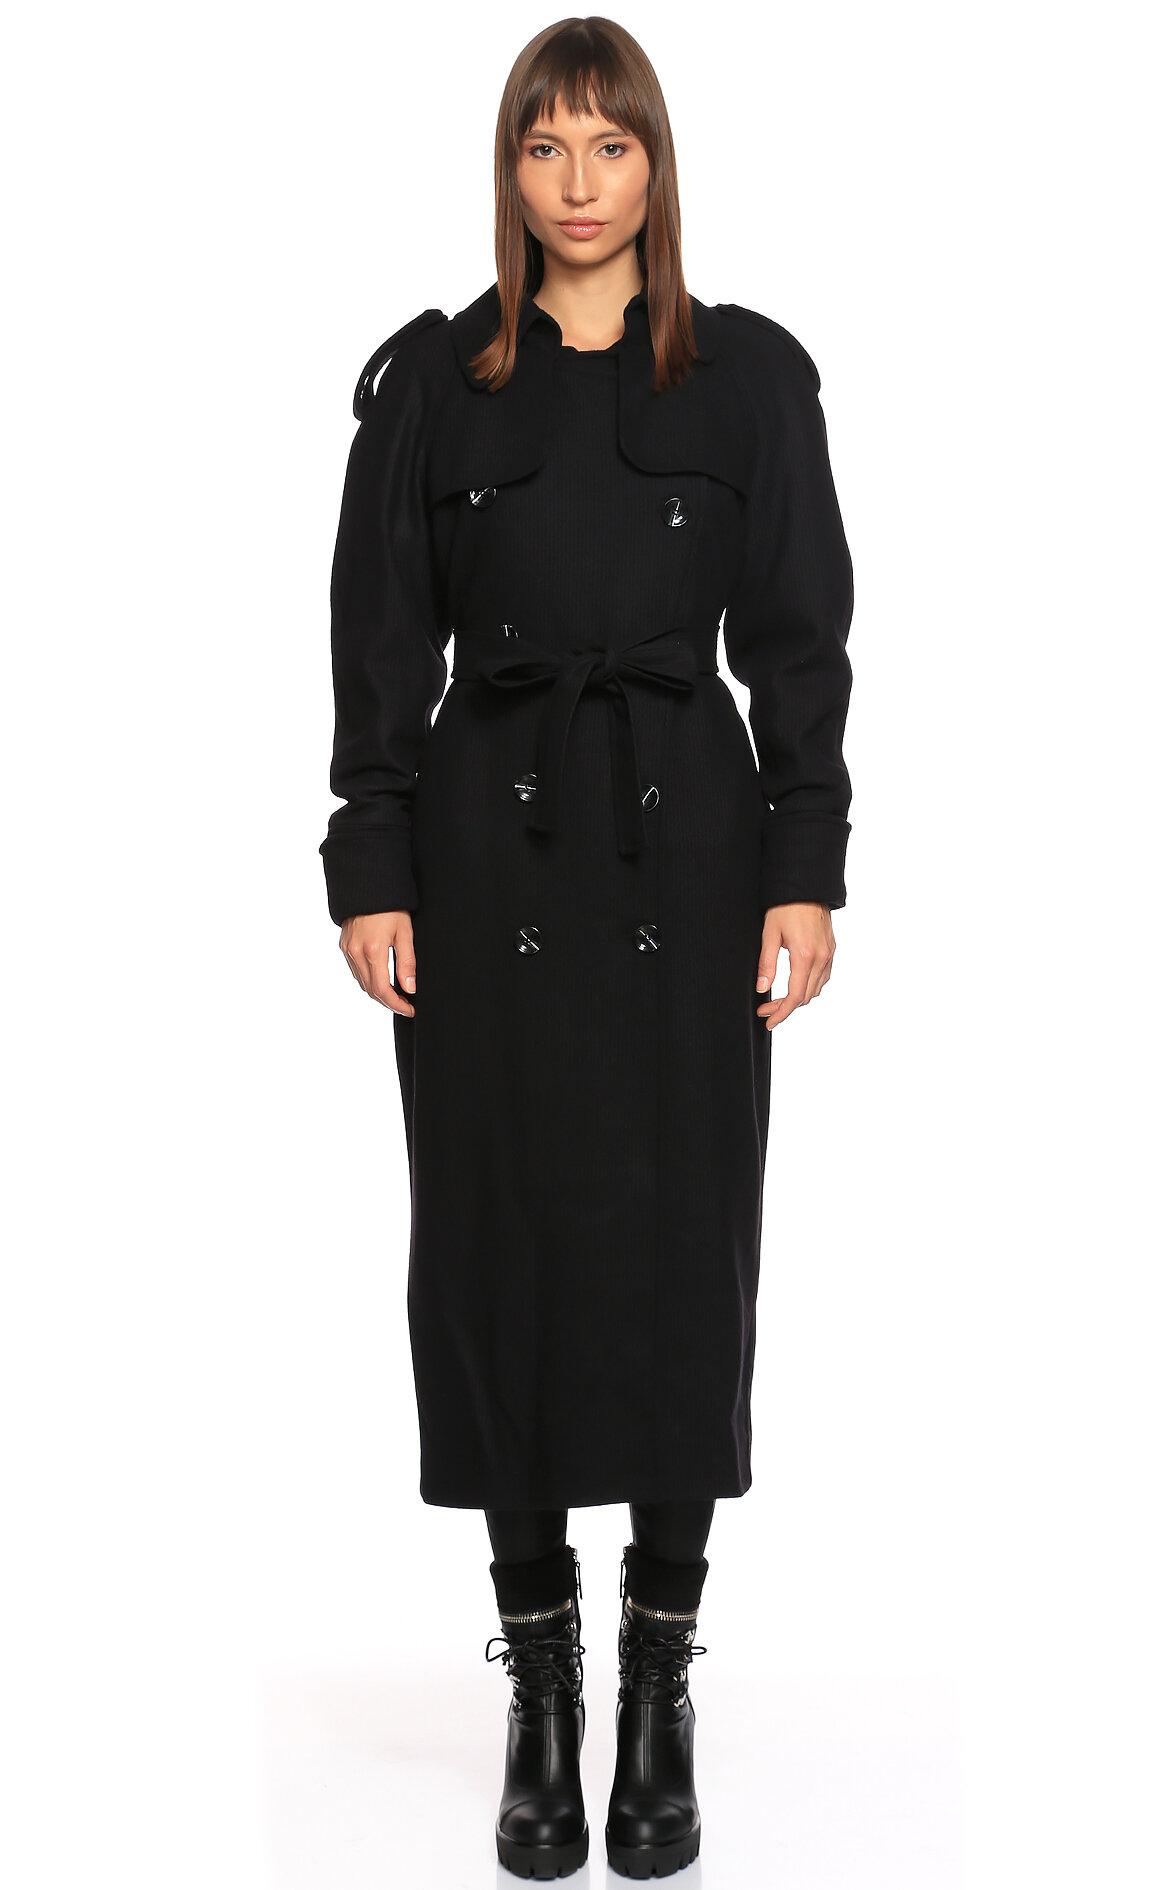 Nazlı Ceren-Nazlı Ceren Siyah Palto